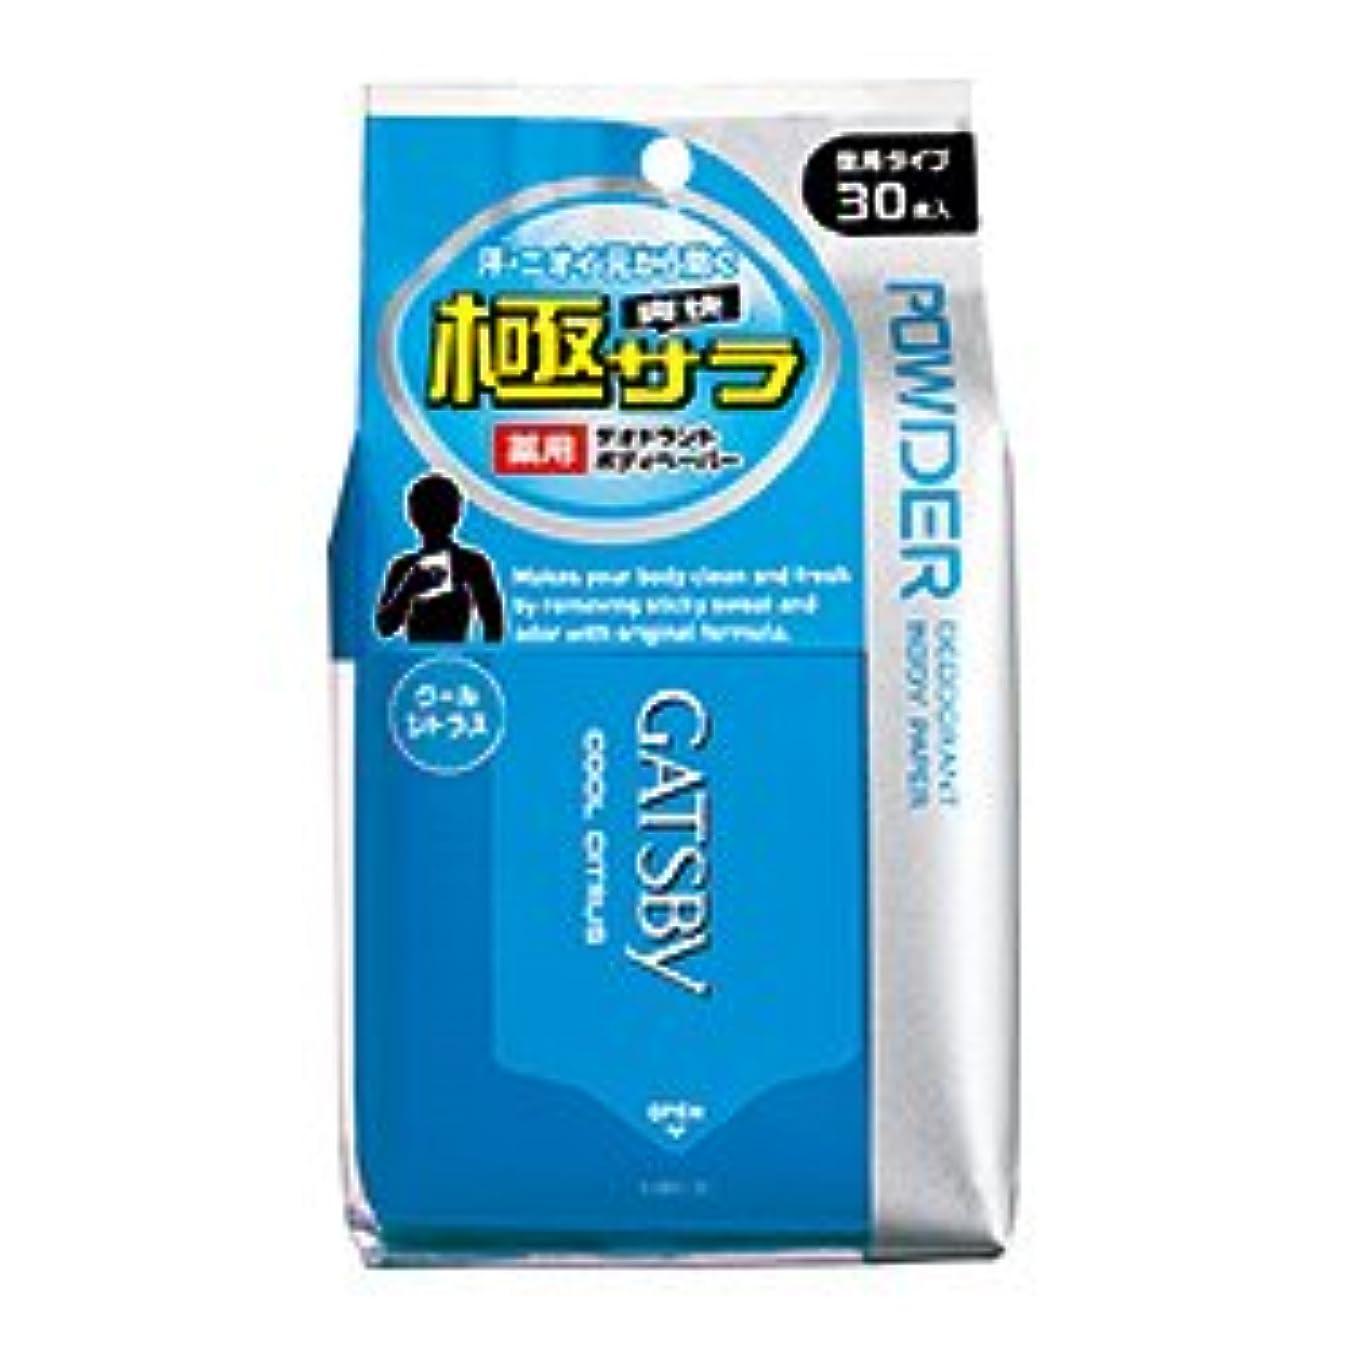 【マンダム】ギャッツビー さらさらデオドラントボディペーパー(徳用タイプ) クールシトラス(医薬部外品) 30枚入り ×3個セット